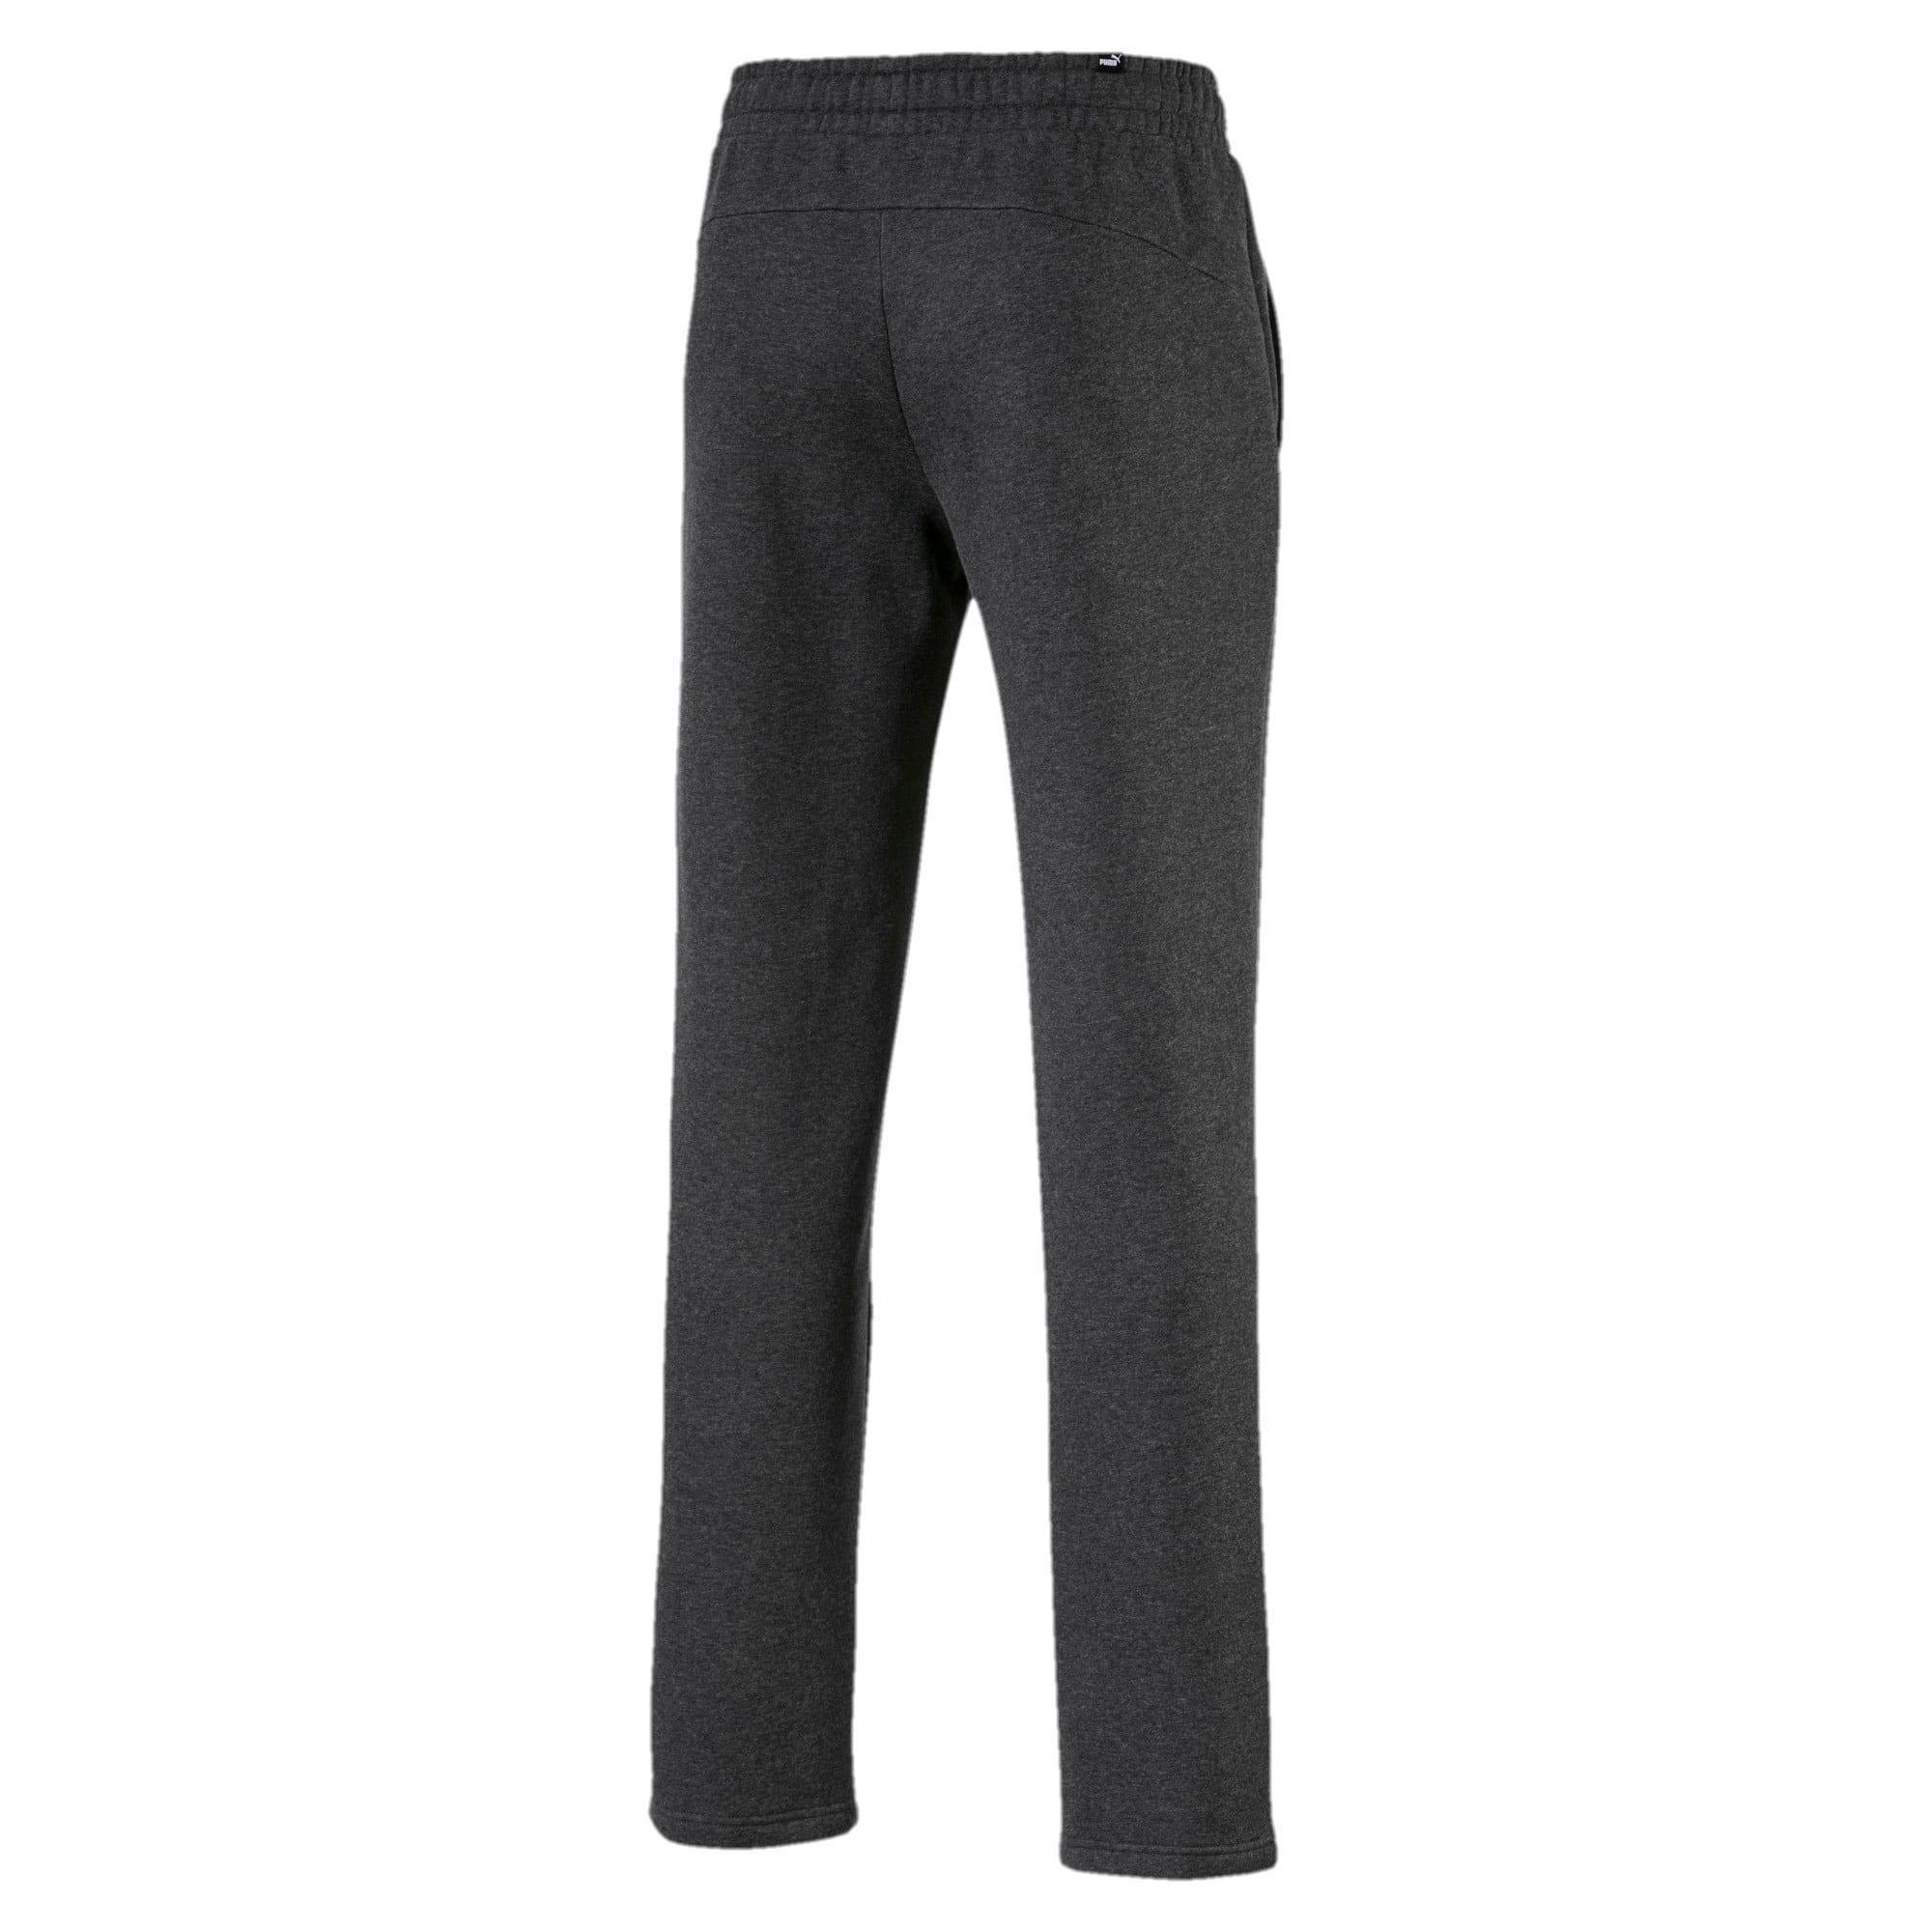 Thumbnail 5 of Essentials Men's Fleece Pants, Dark Gray Heather, medium